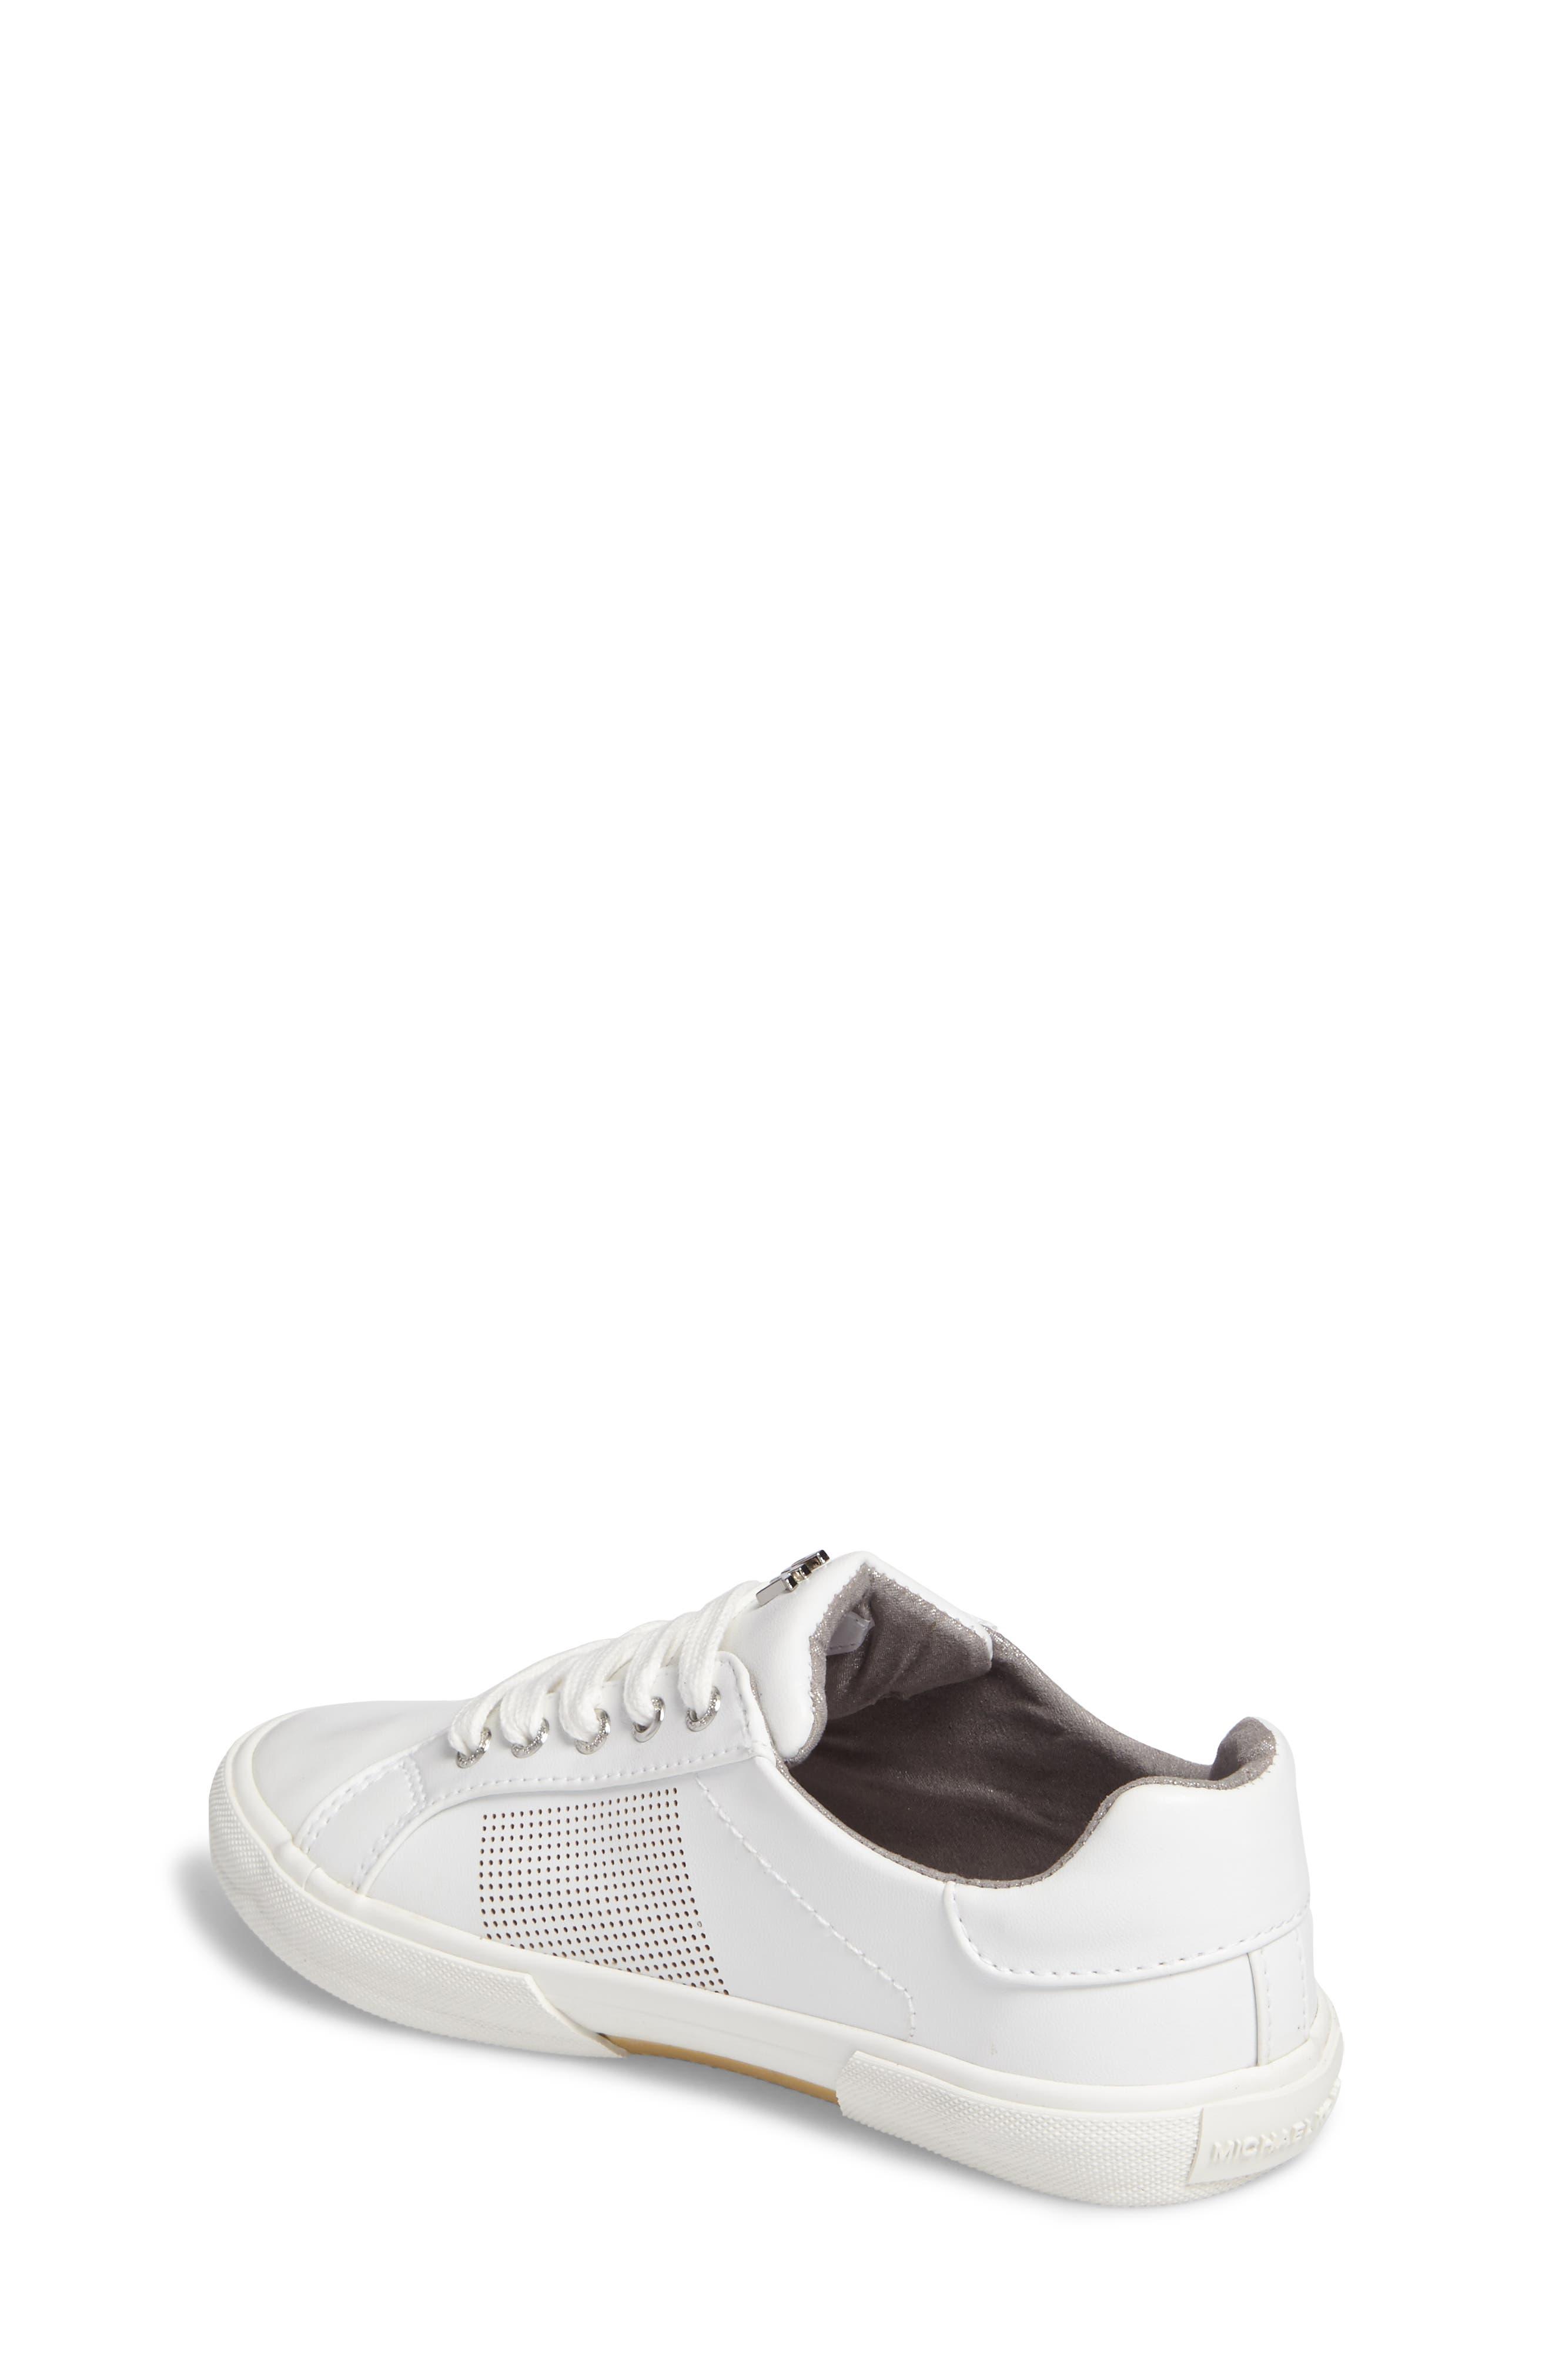 Ima Court Sneaker,                             Alternate thumbnail 5, color,